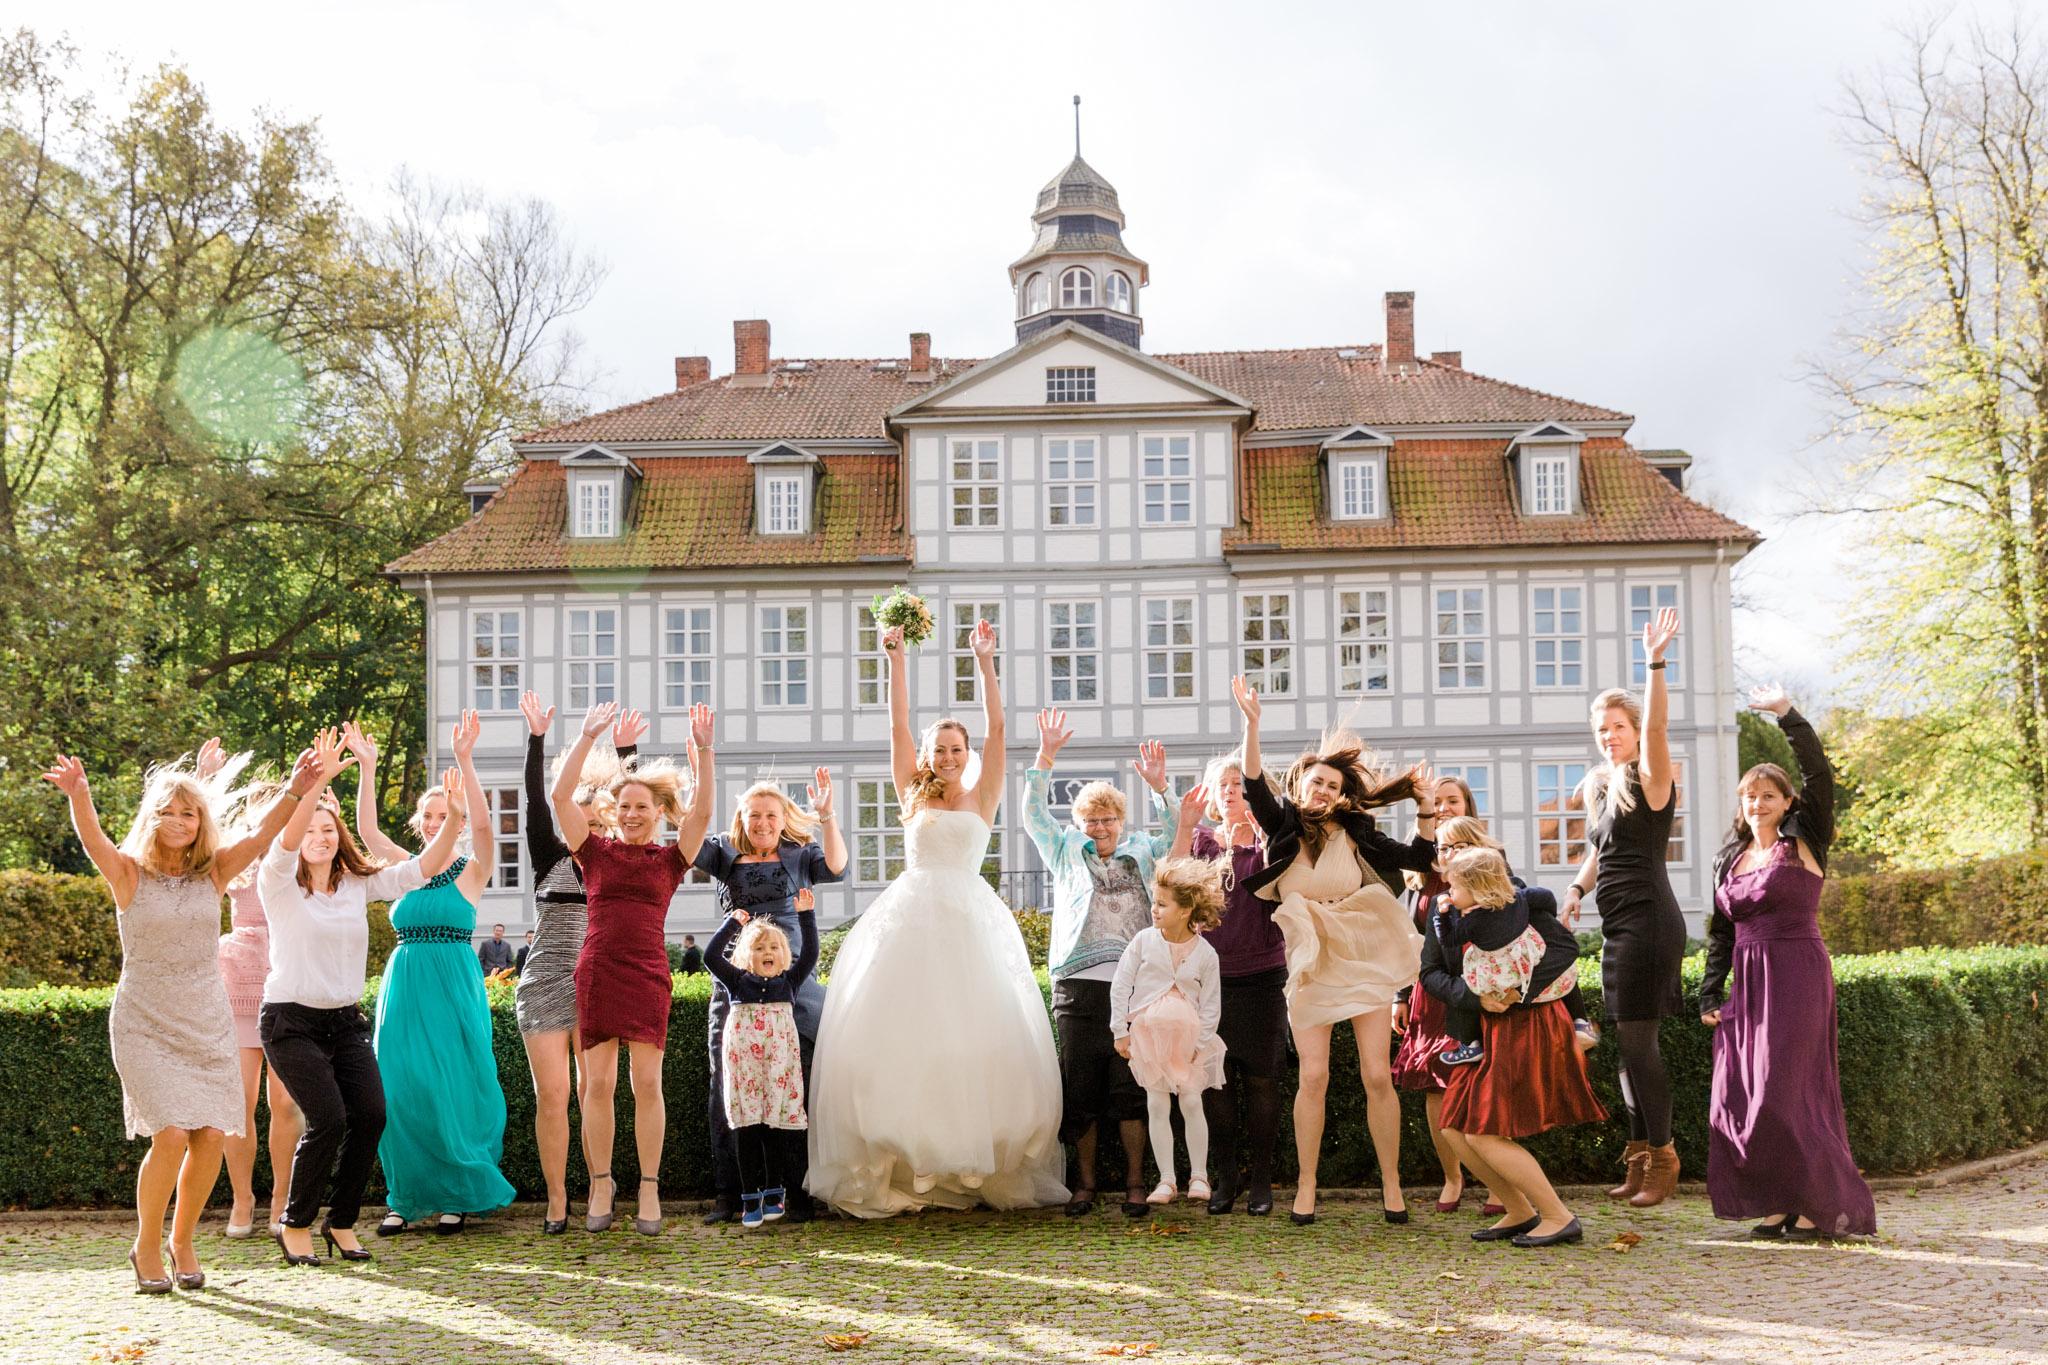 Hochzeit Karina & Christopher auf Schloß Lüdersburg Frauenfoto